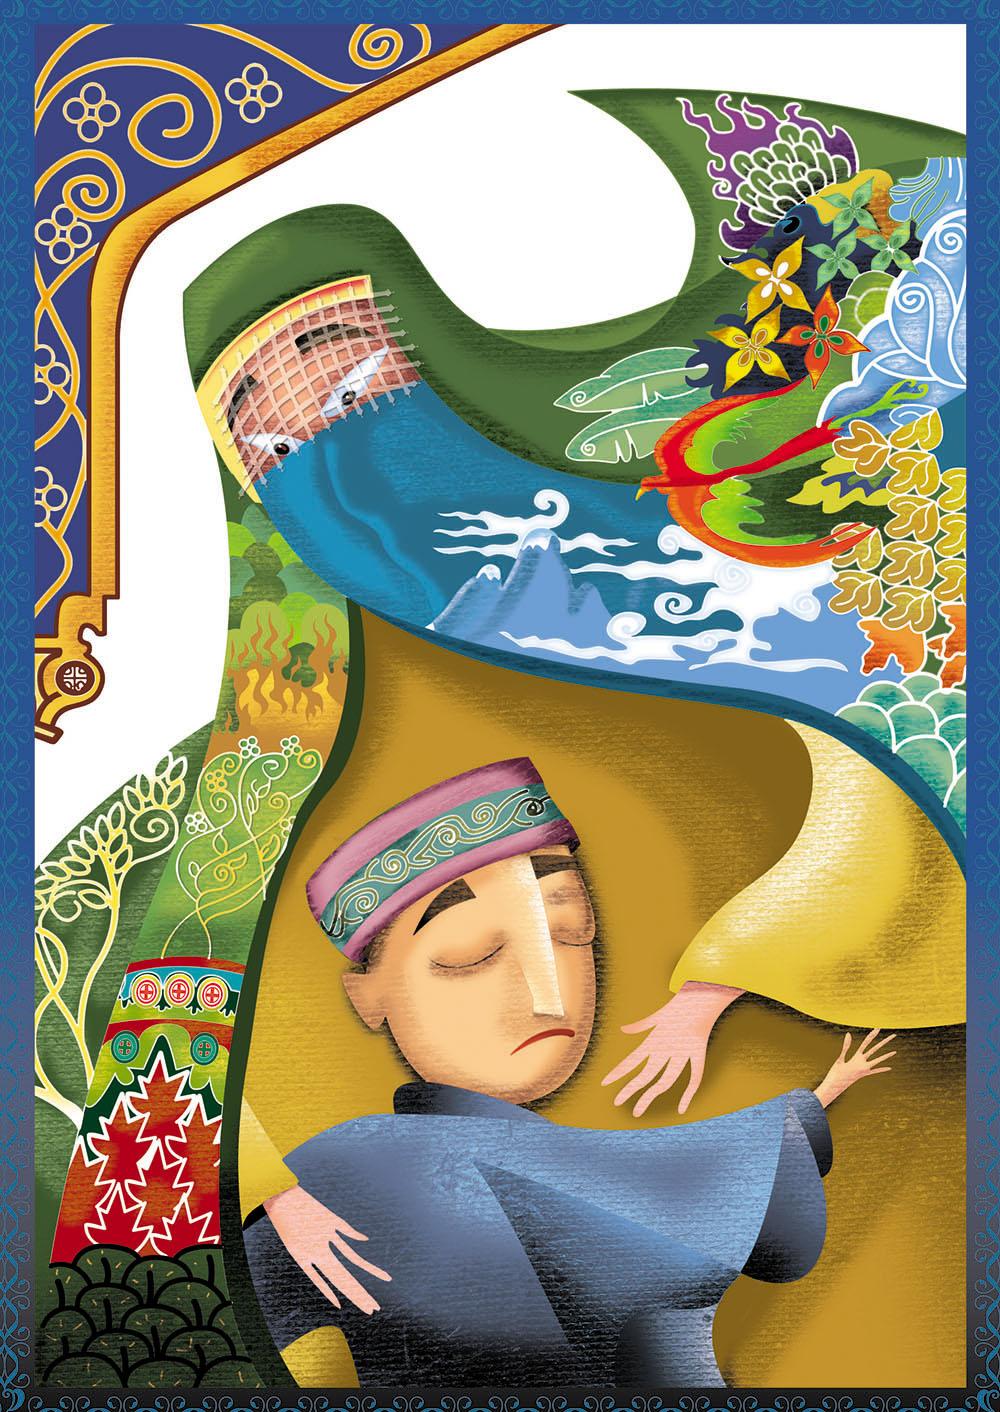 FTD - literatura infantil